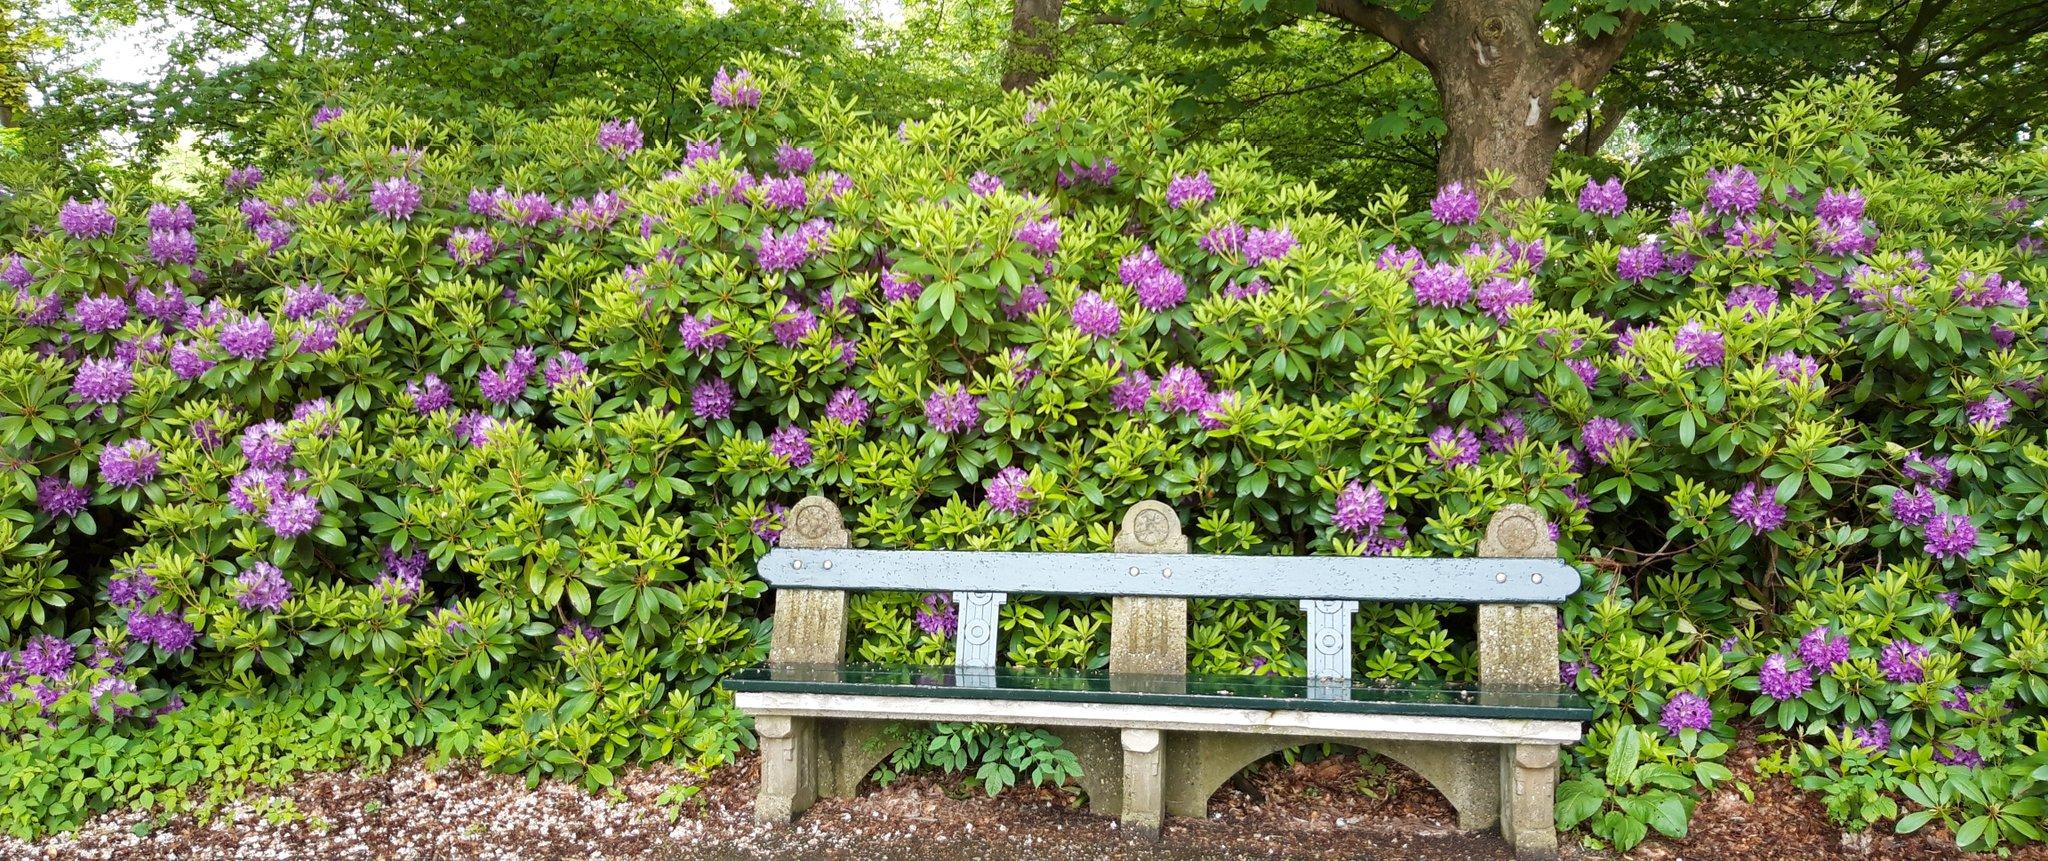 rt-karingibcus-ff-zitten-tussen-de-rhododendrons-in-het-stadspark-groningen-wandelbankjes-https-t-co-kdnrpij7ad